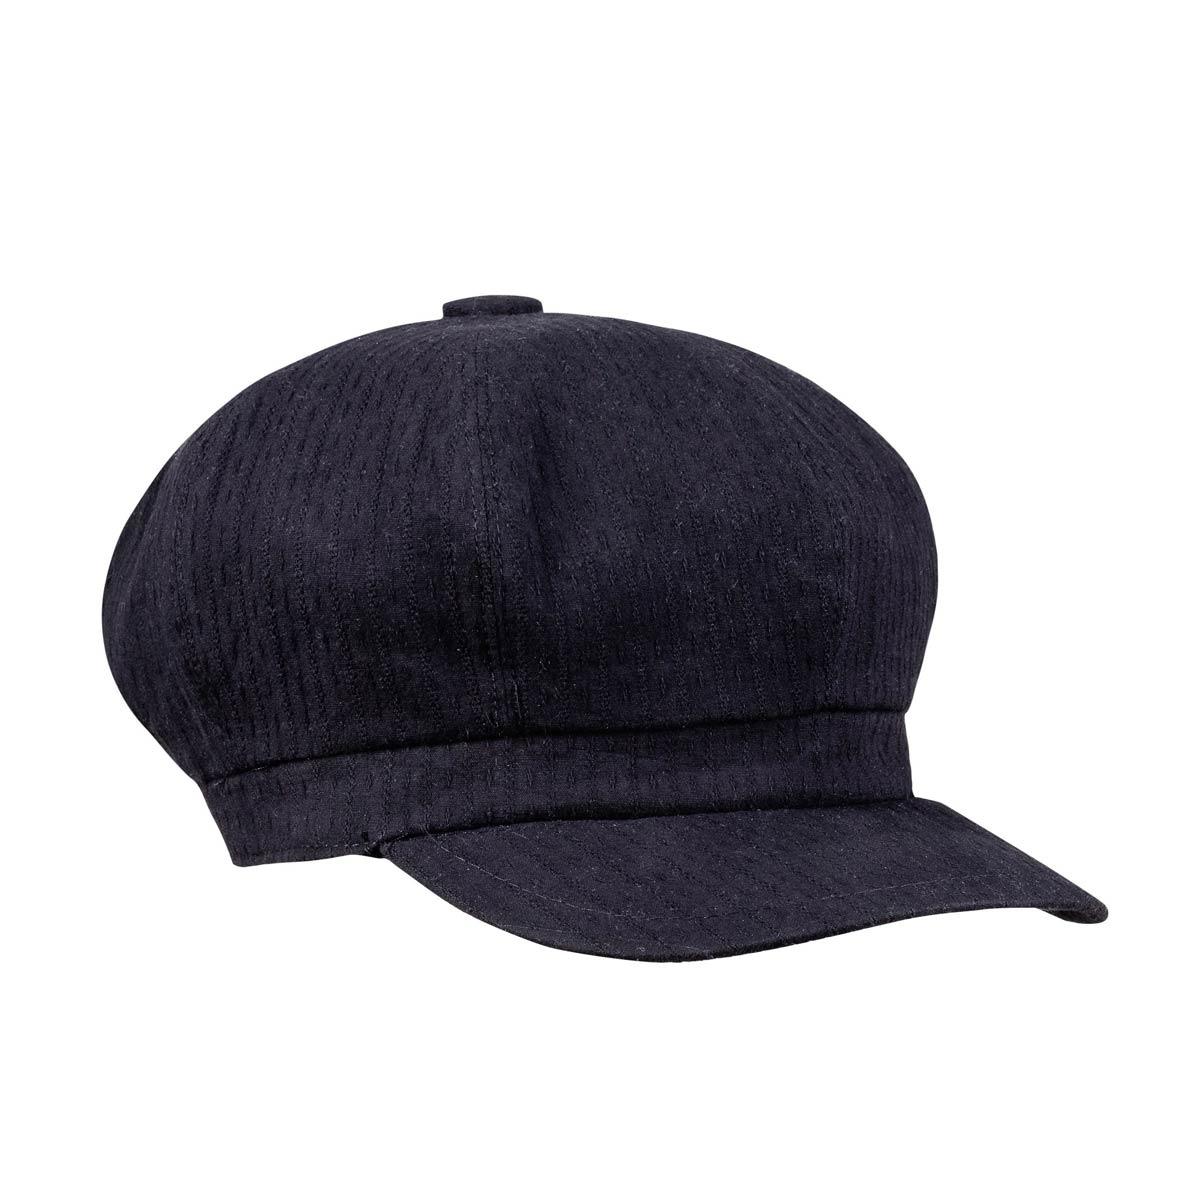 CP-01630_F12-1--_casquette-femme-gavroche-noire